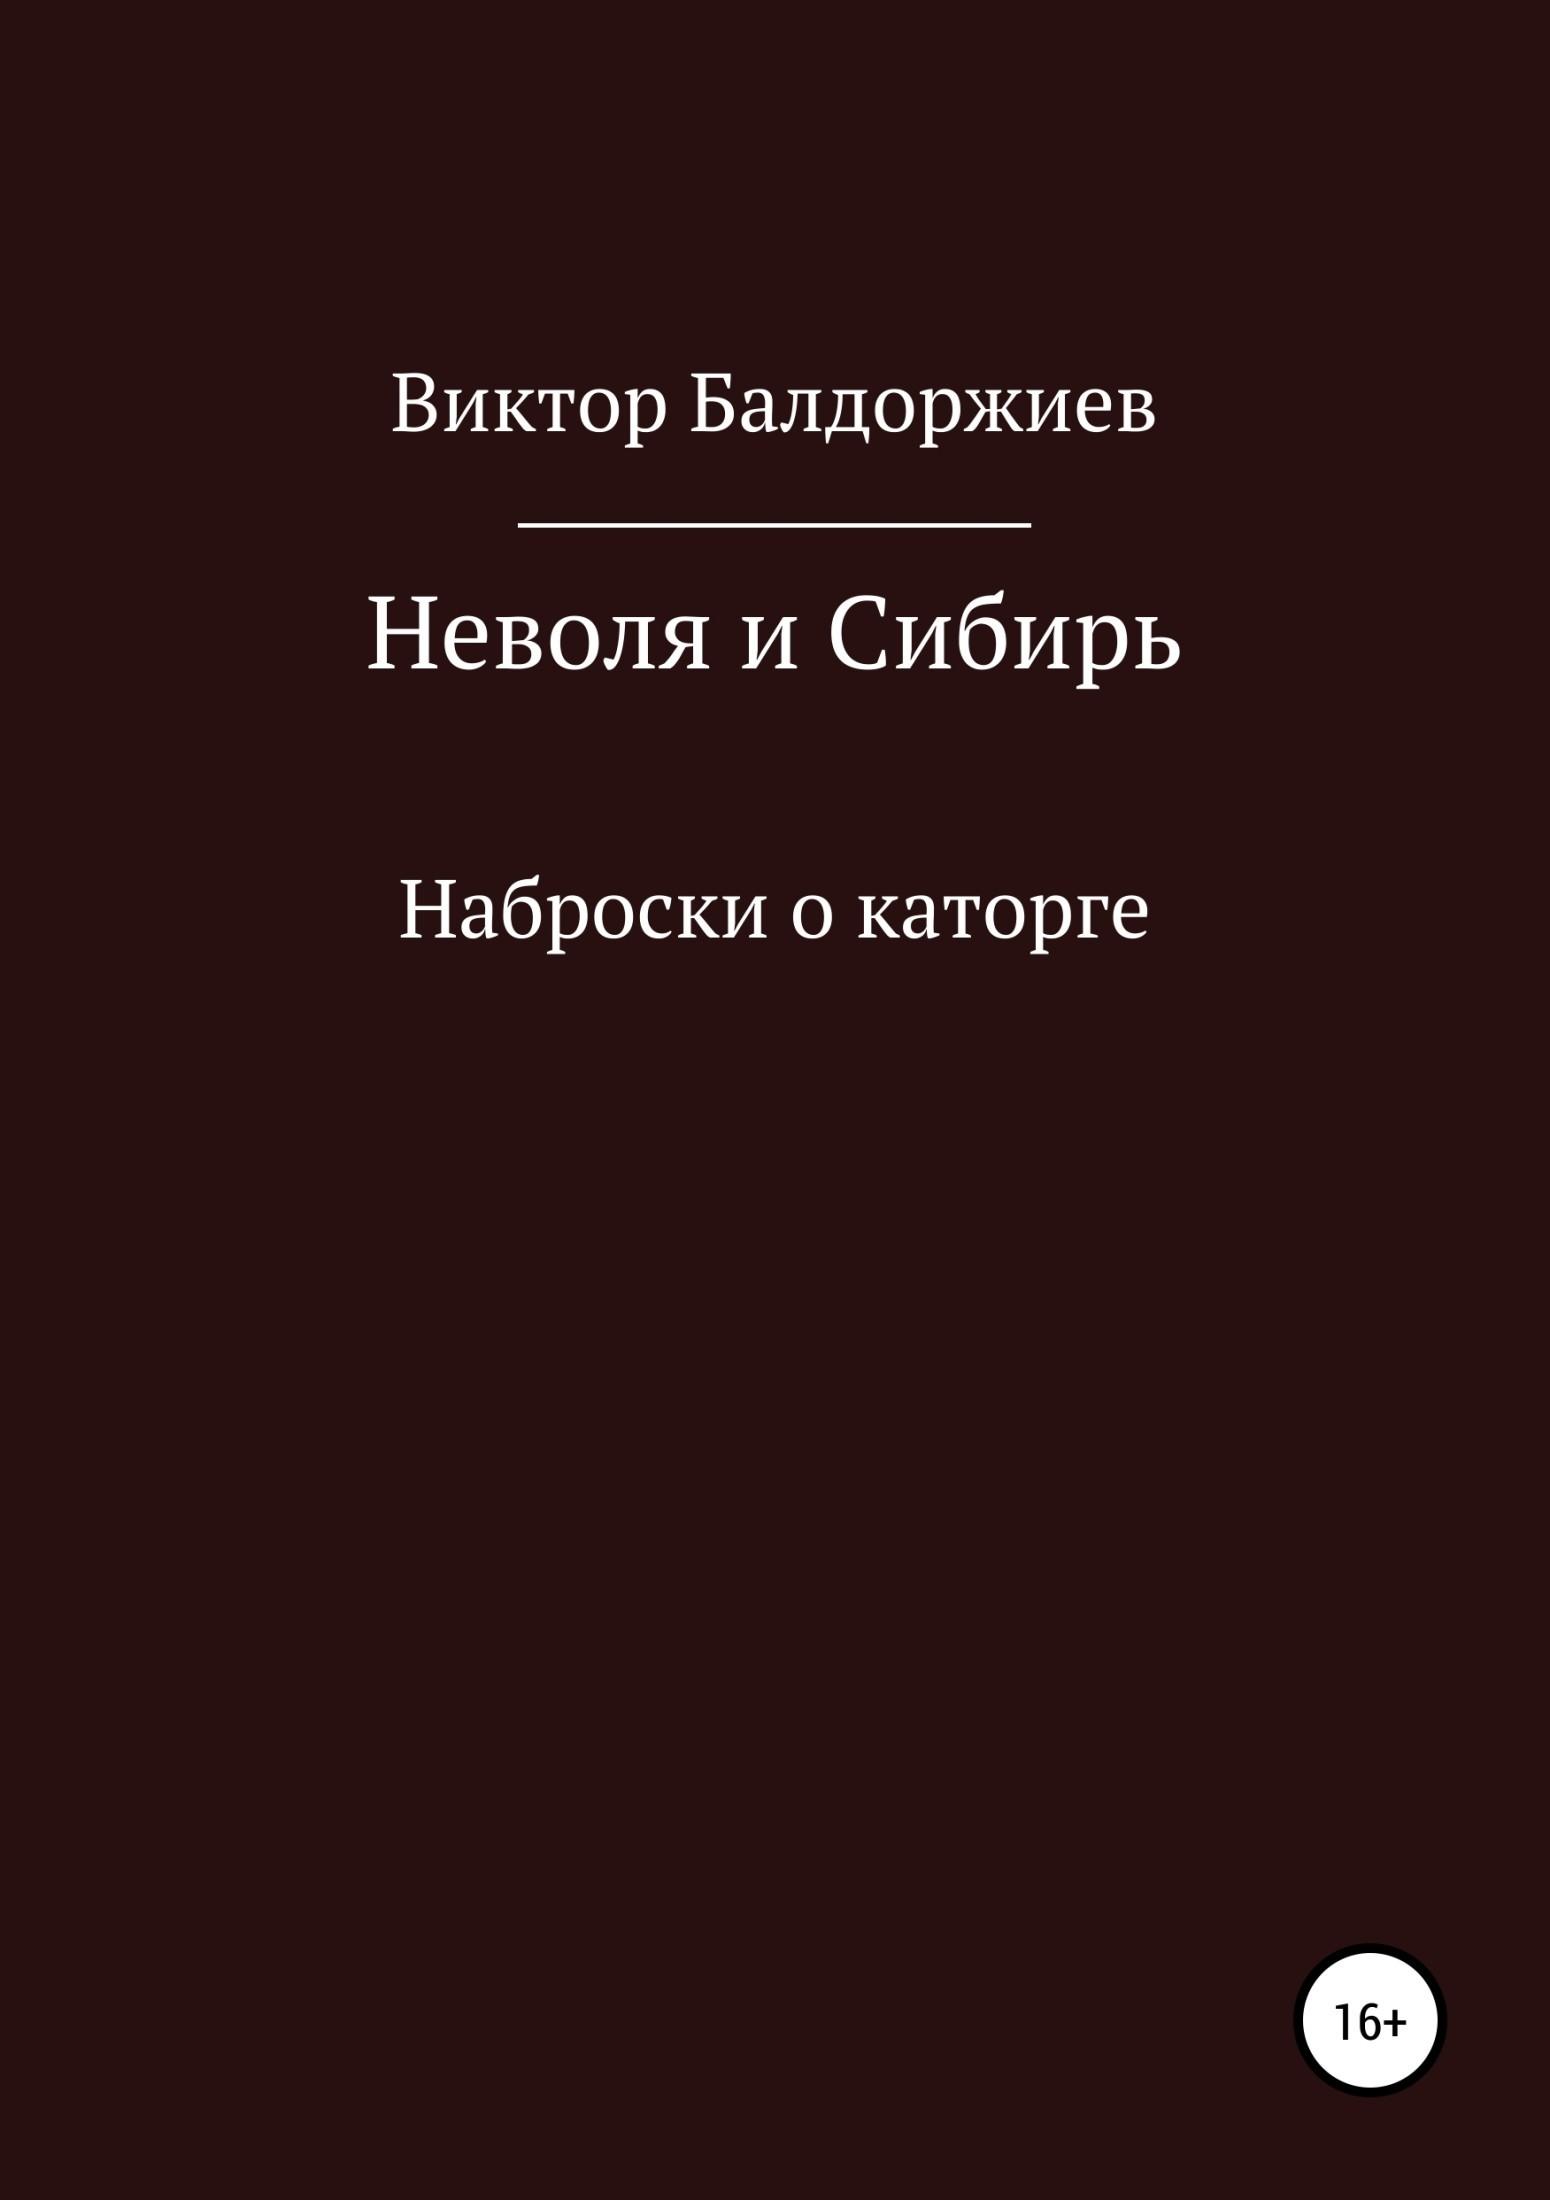 Виктор Балдоржиев Неволя и Сибирь виктор балдоржиев земля взаймы